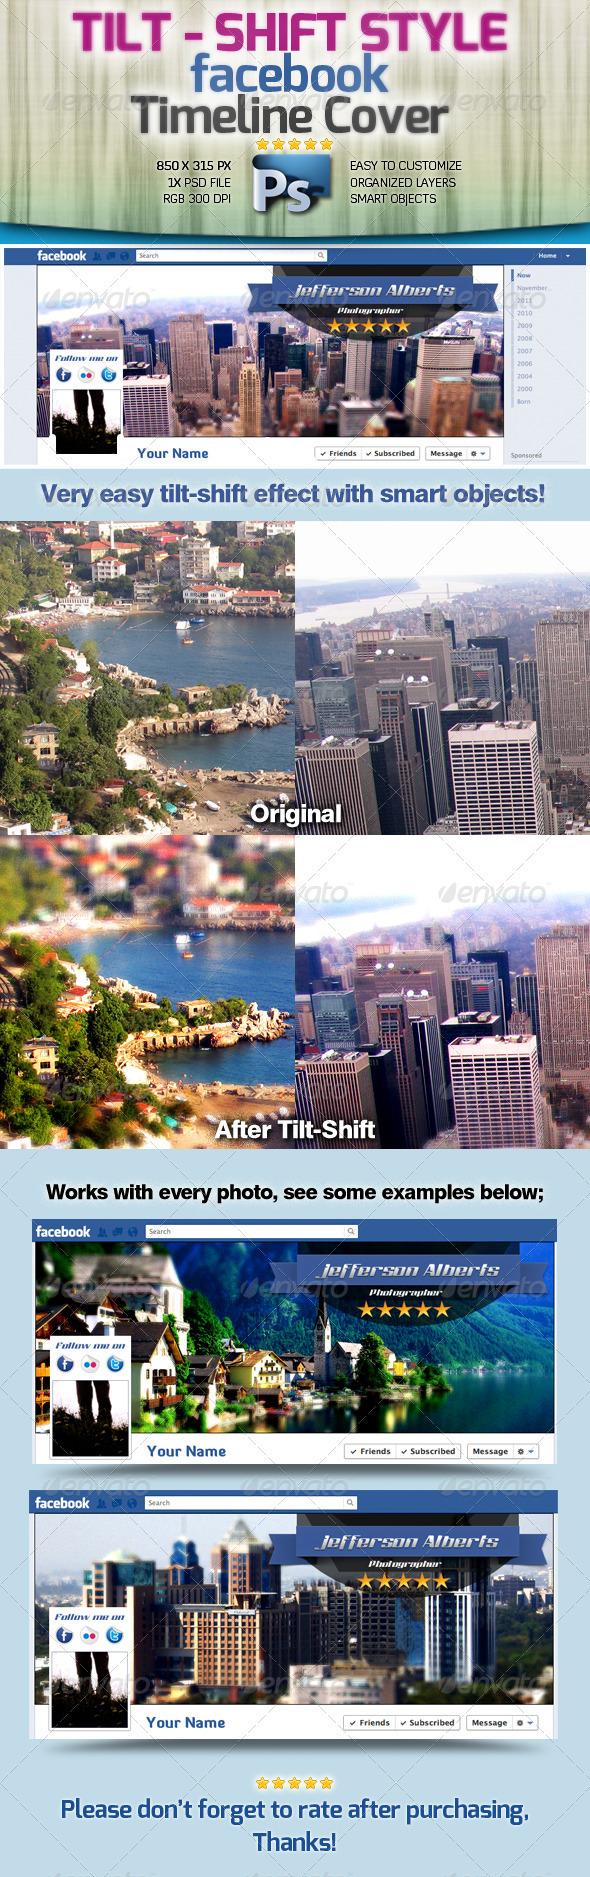 GraphicRiver Tilt-Shift Style Facebook Timeline Cover 1927129